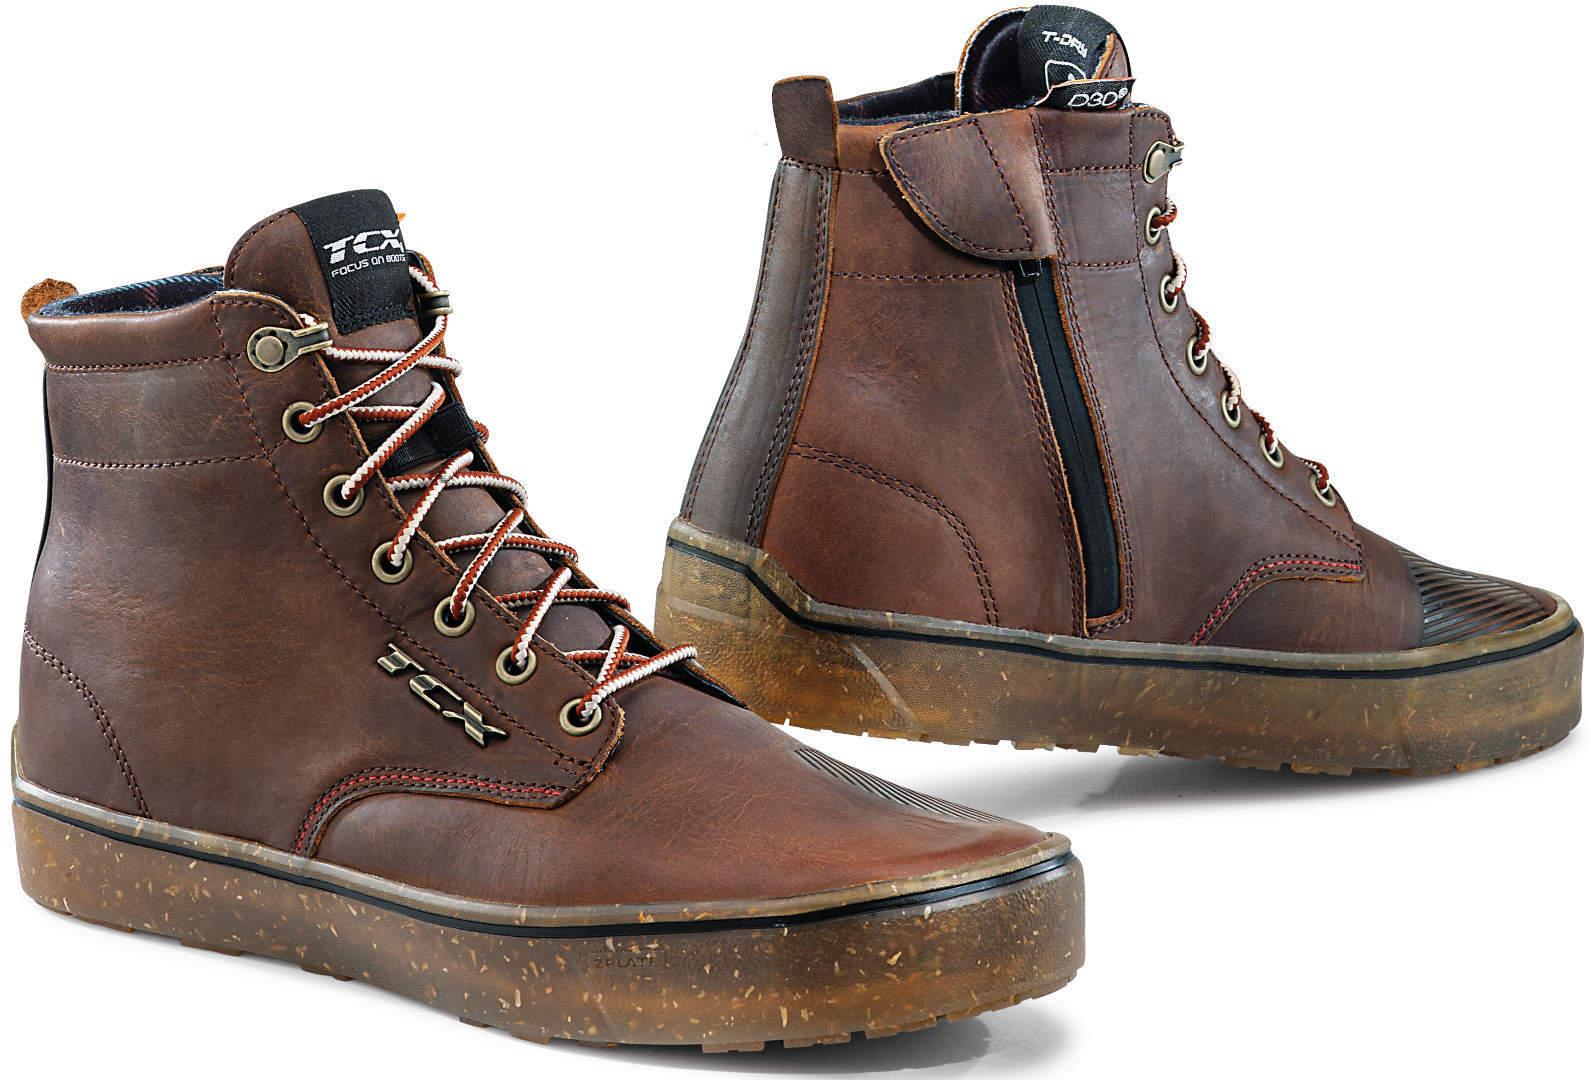 TCX Dartwood Chaussures de moto imperméables Brun taille : 41